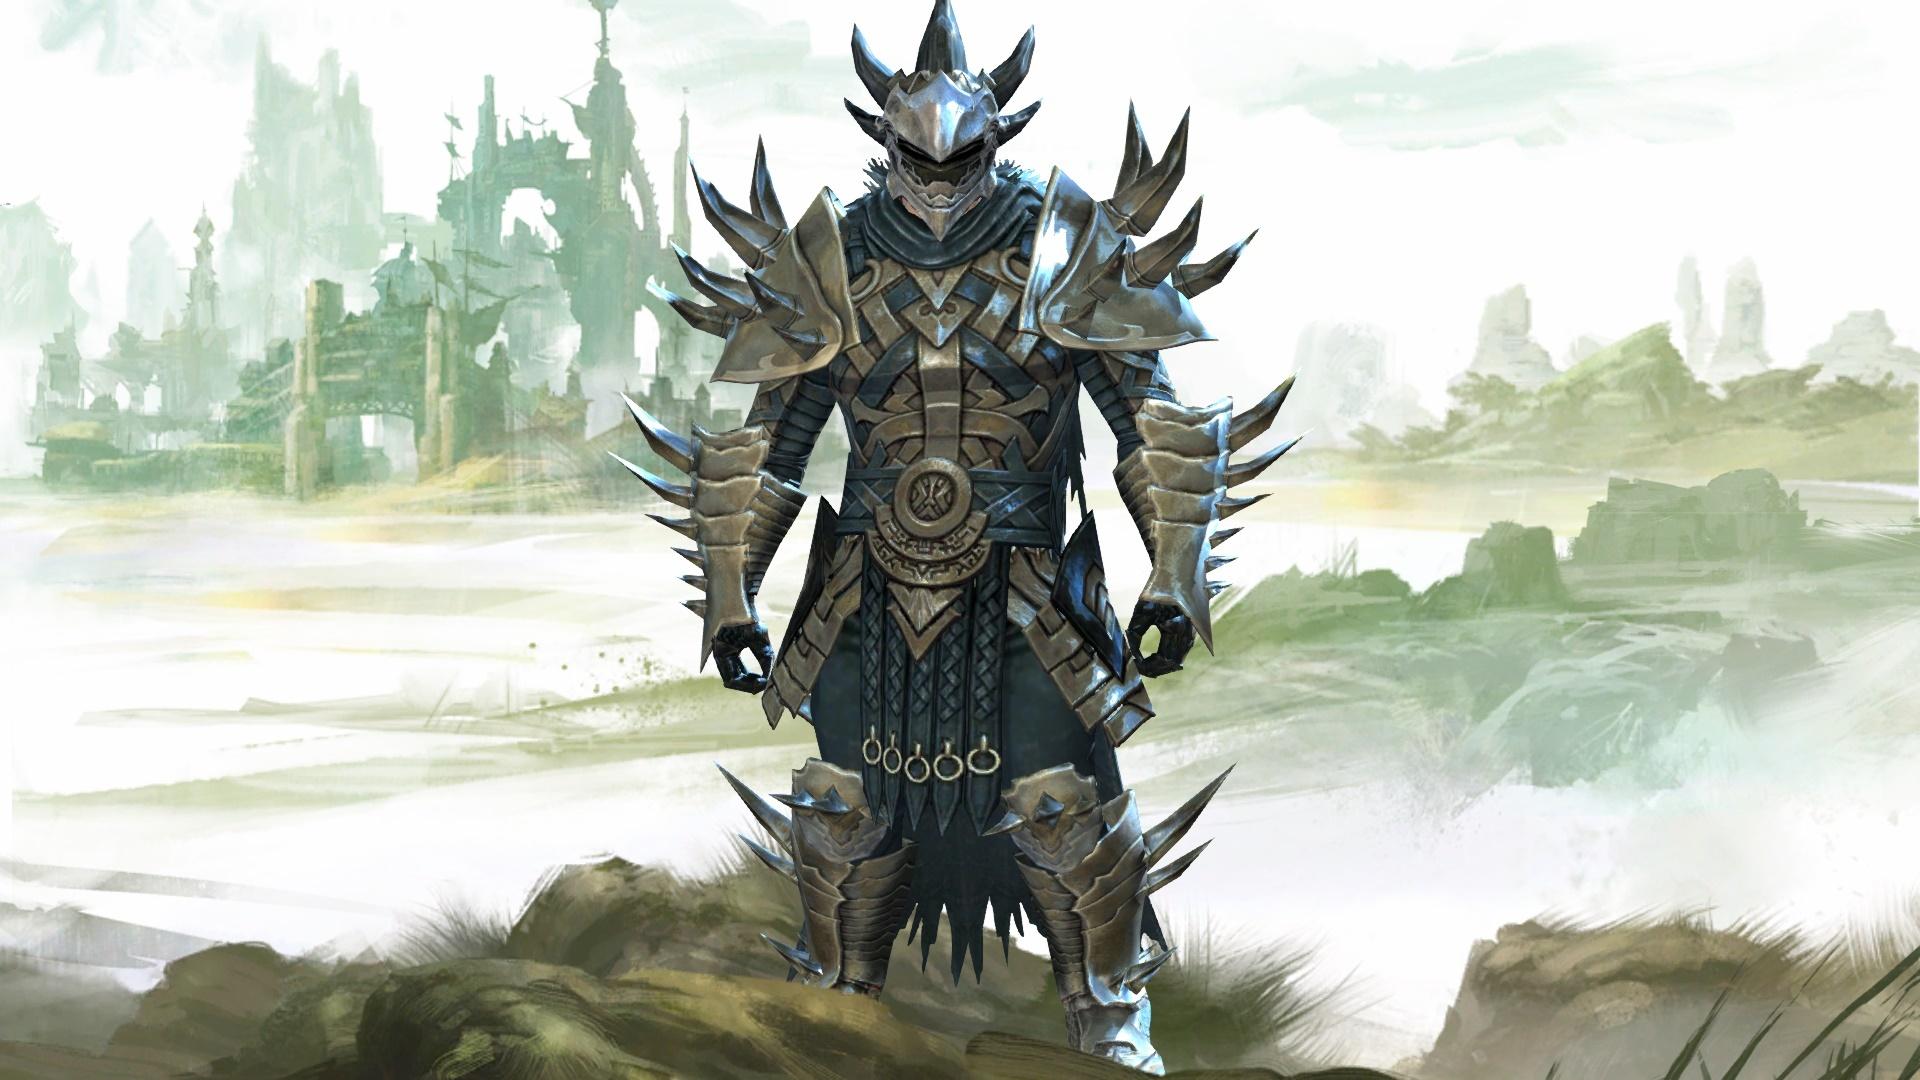 Guild wars 2 norn warrior armor sets